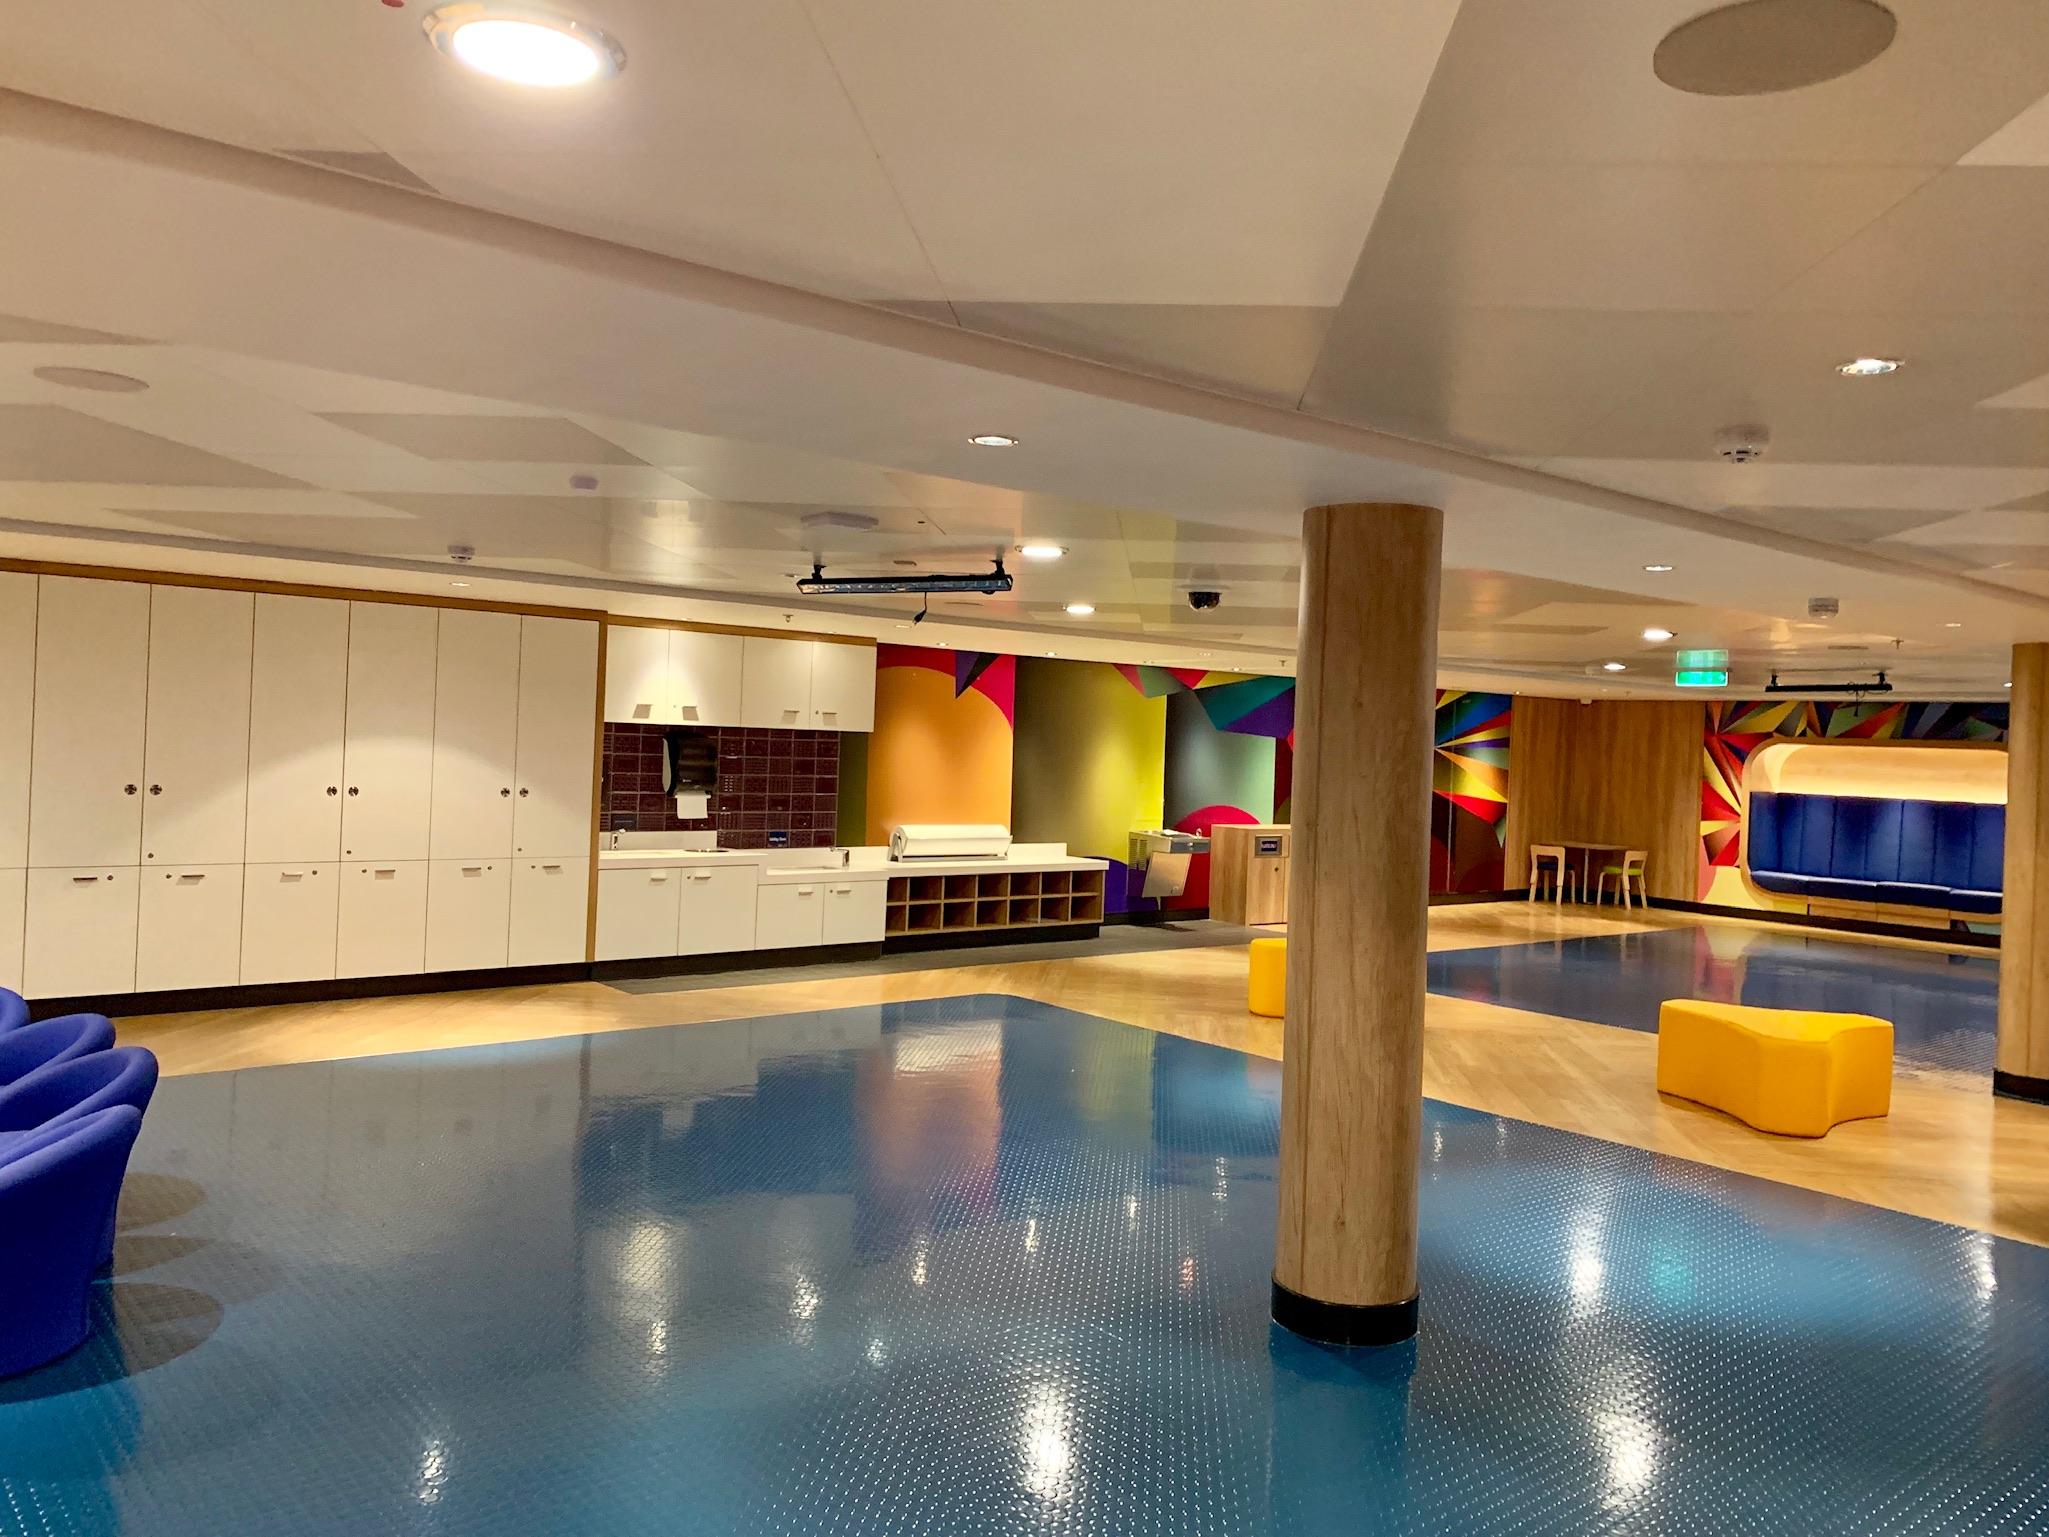 NCL Joy - Amenities - Splash Club large room view 2.jpg